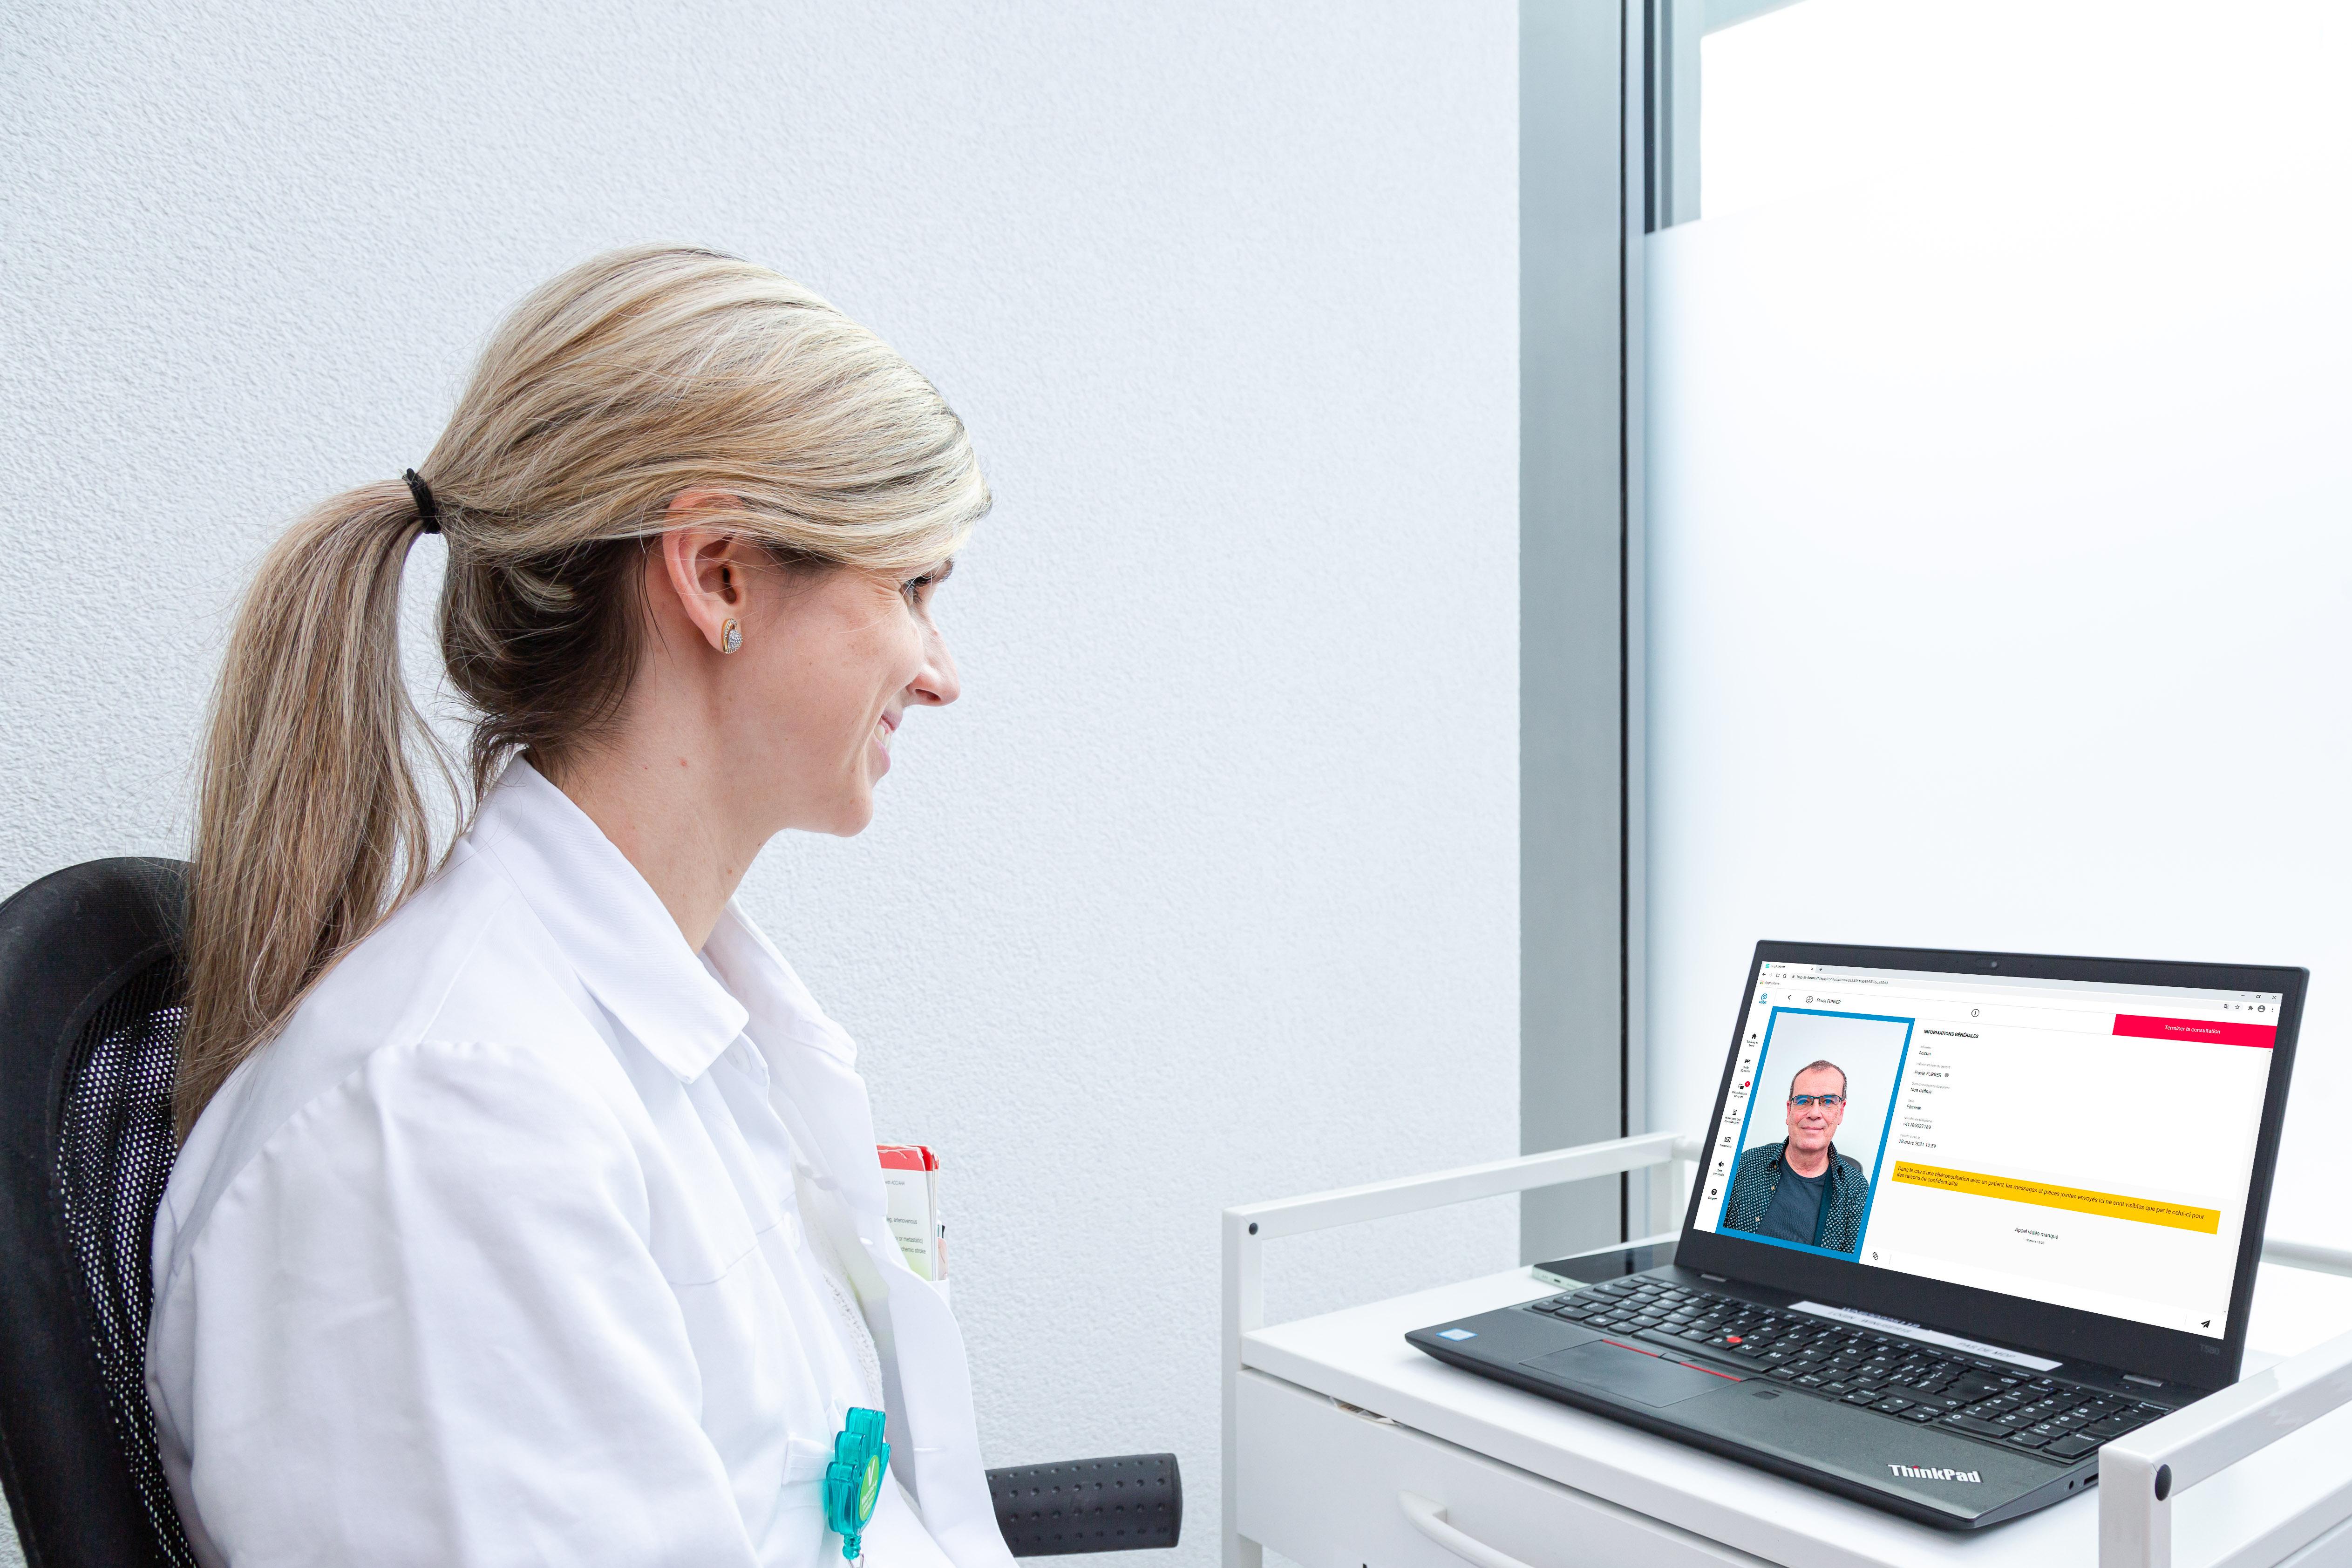 Une médecin cheffe de clinique du SMPR des HUG, formée à la téléconsultation, intervient.